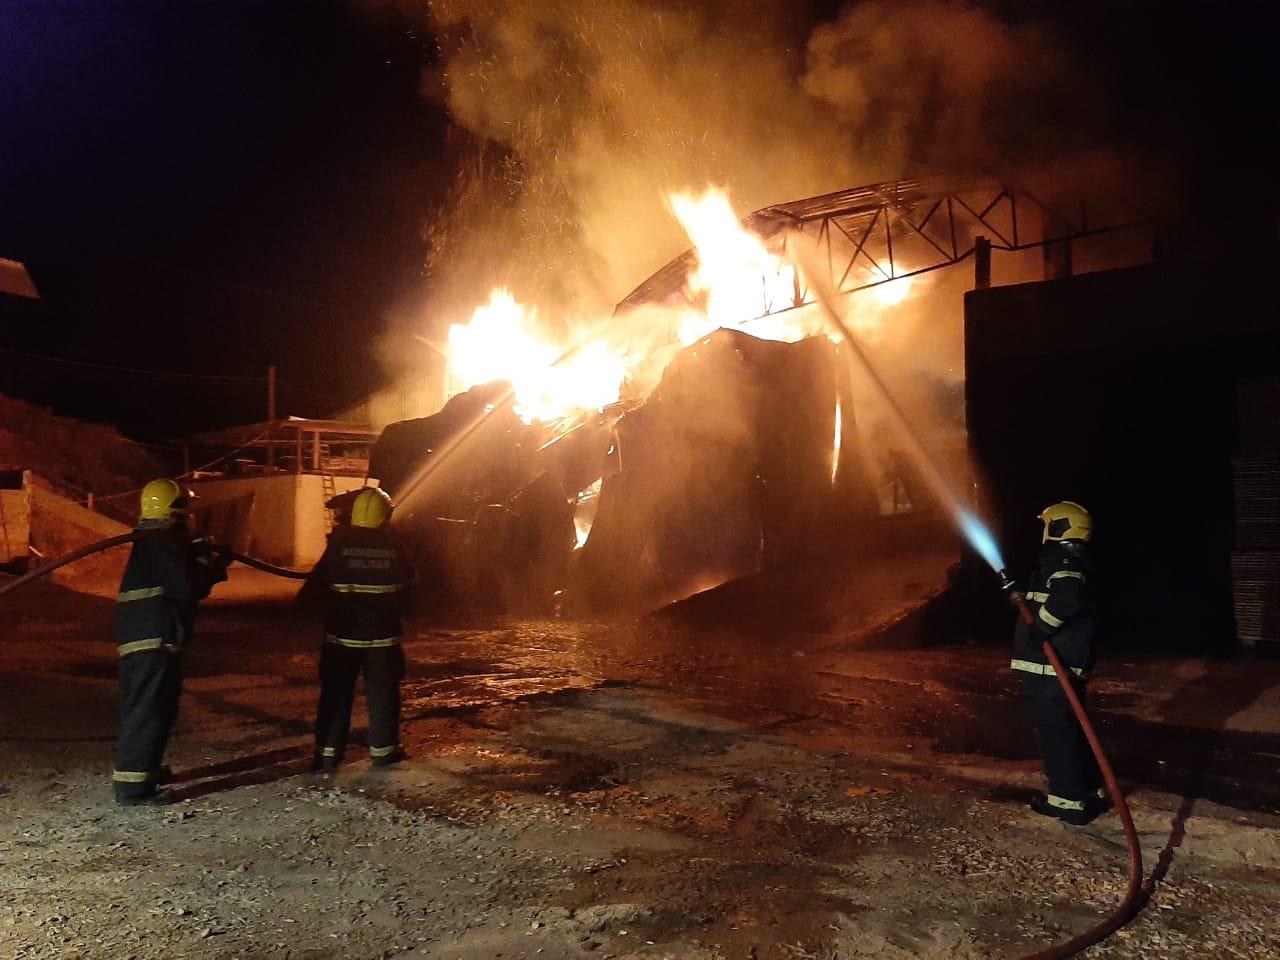 Incêndio começou em uma estufa onde é feita a secagem da madeira - Corpo de Bombeiros de Navegantes/Divulgação